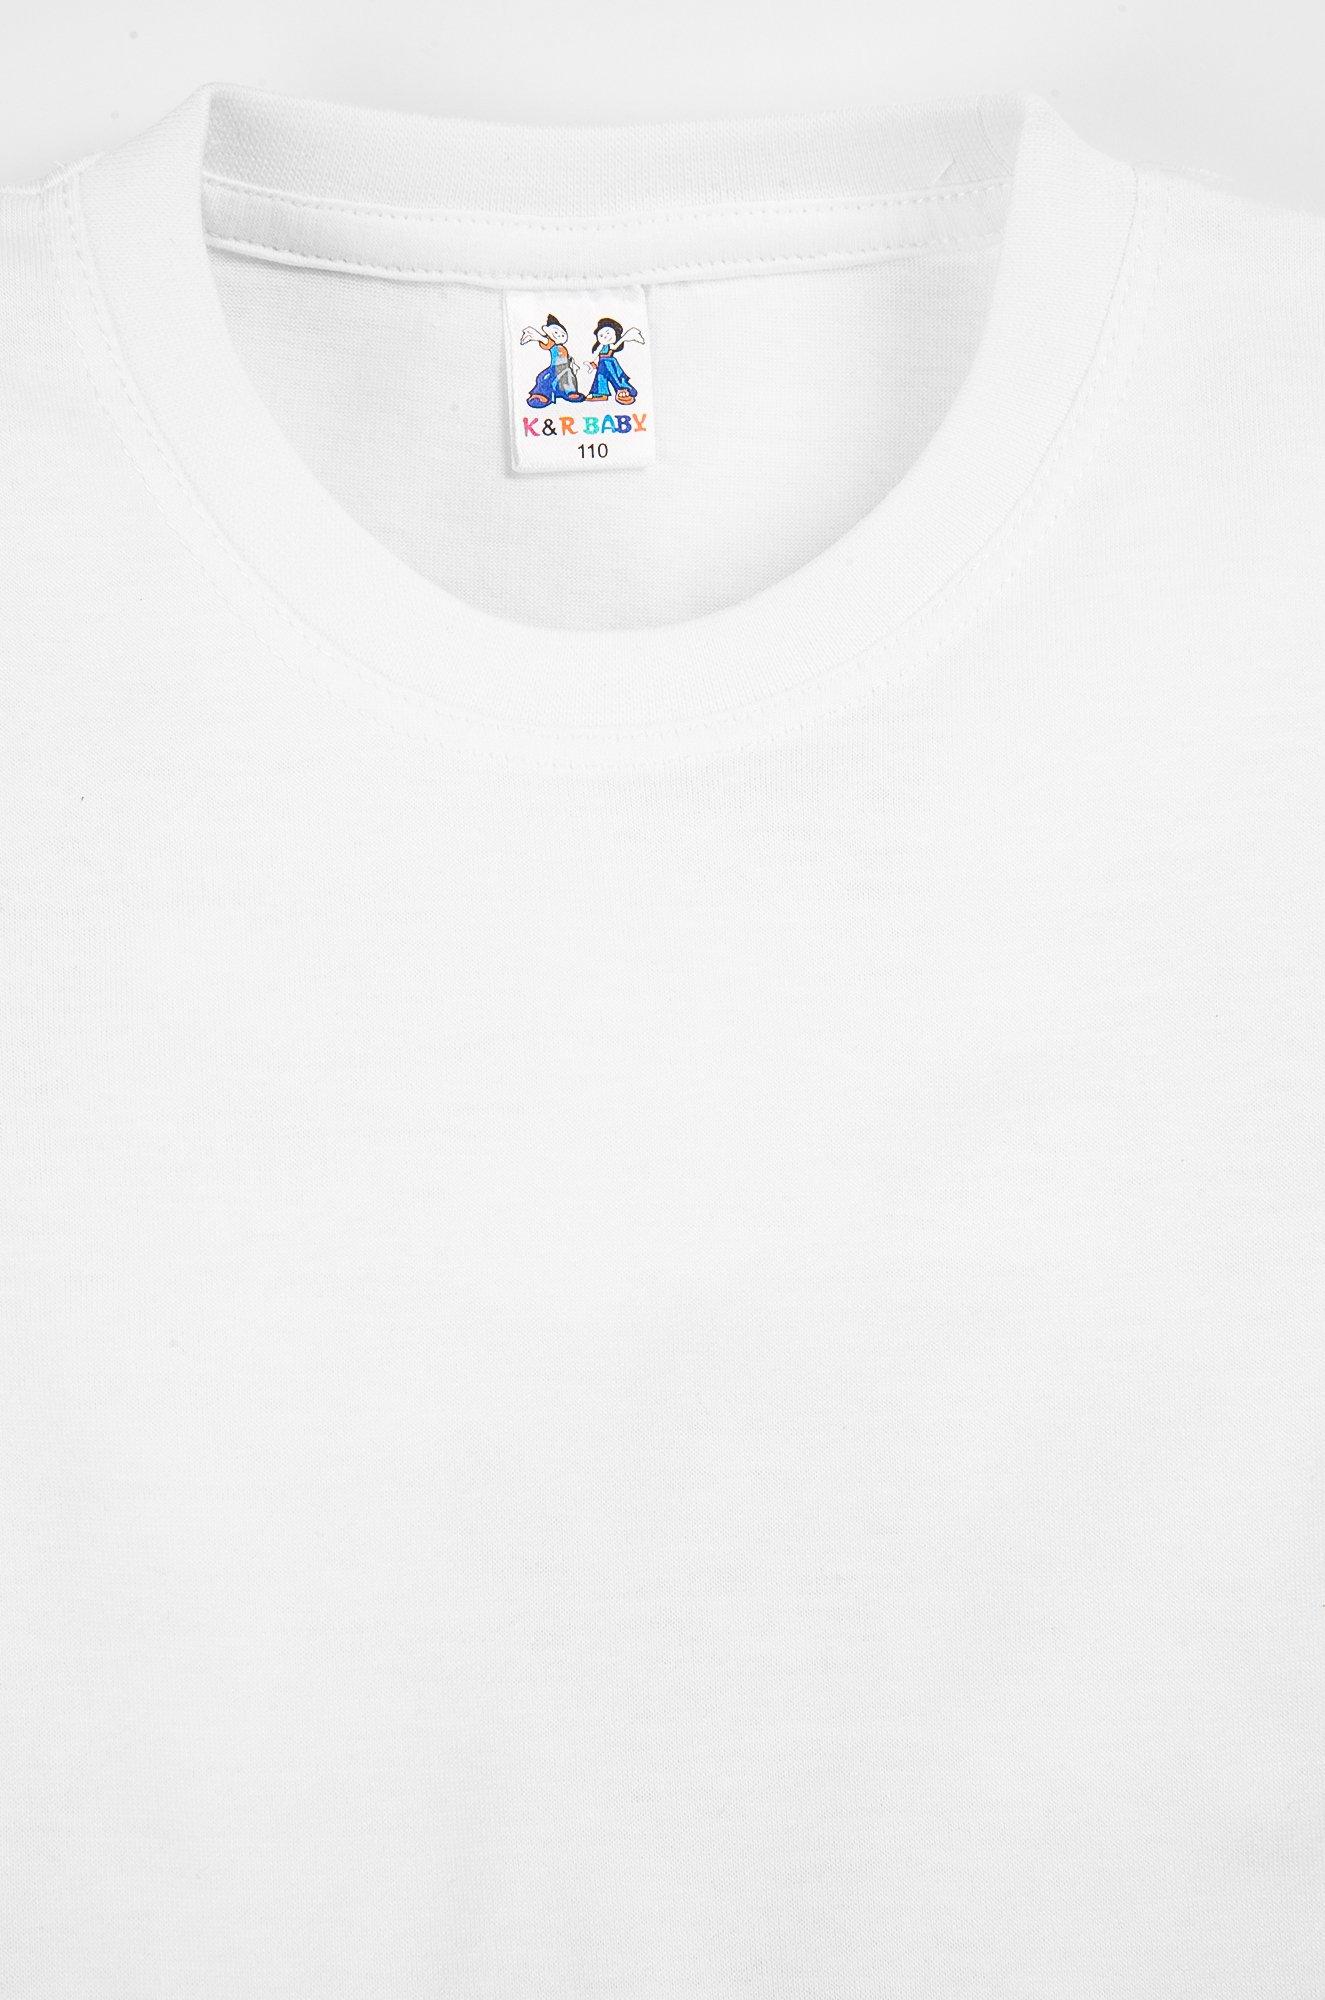 14542cae7cd Футболка детская K R BABY купить оптом в интернет-магазине Happywear.ru